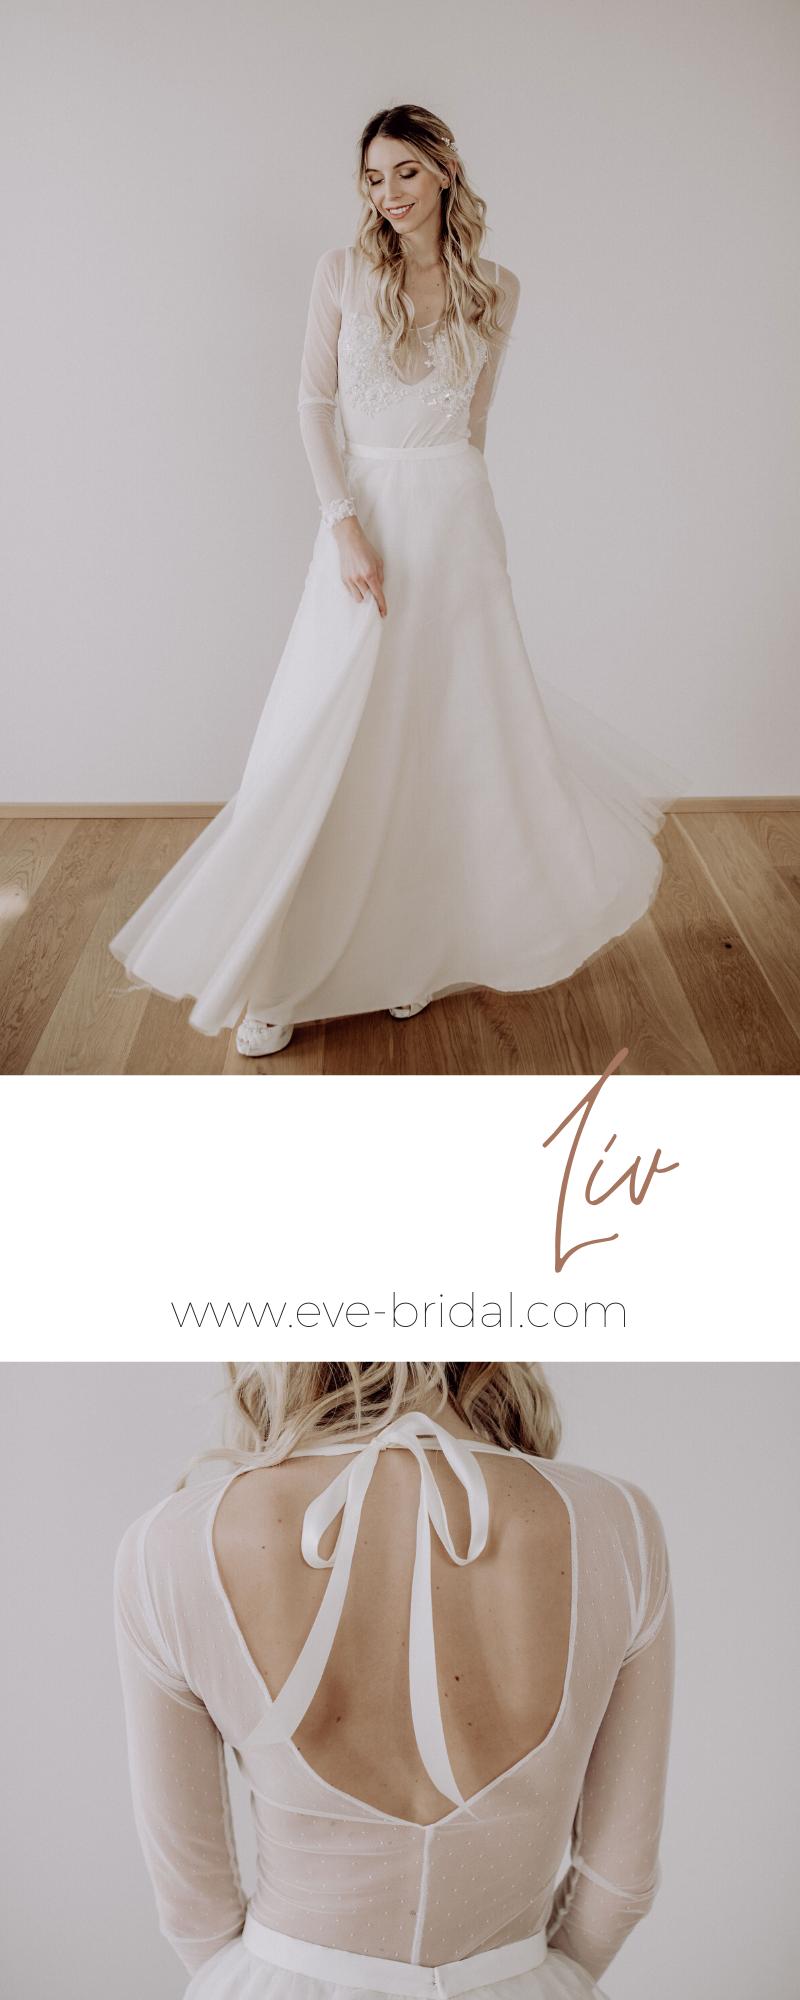 10-teiliges Brautkleid, Body mit perlenbestickter Spitze